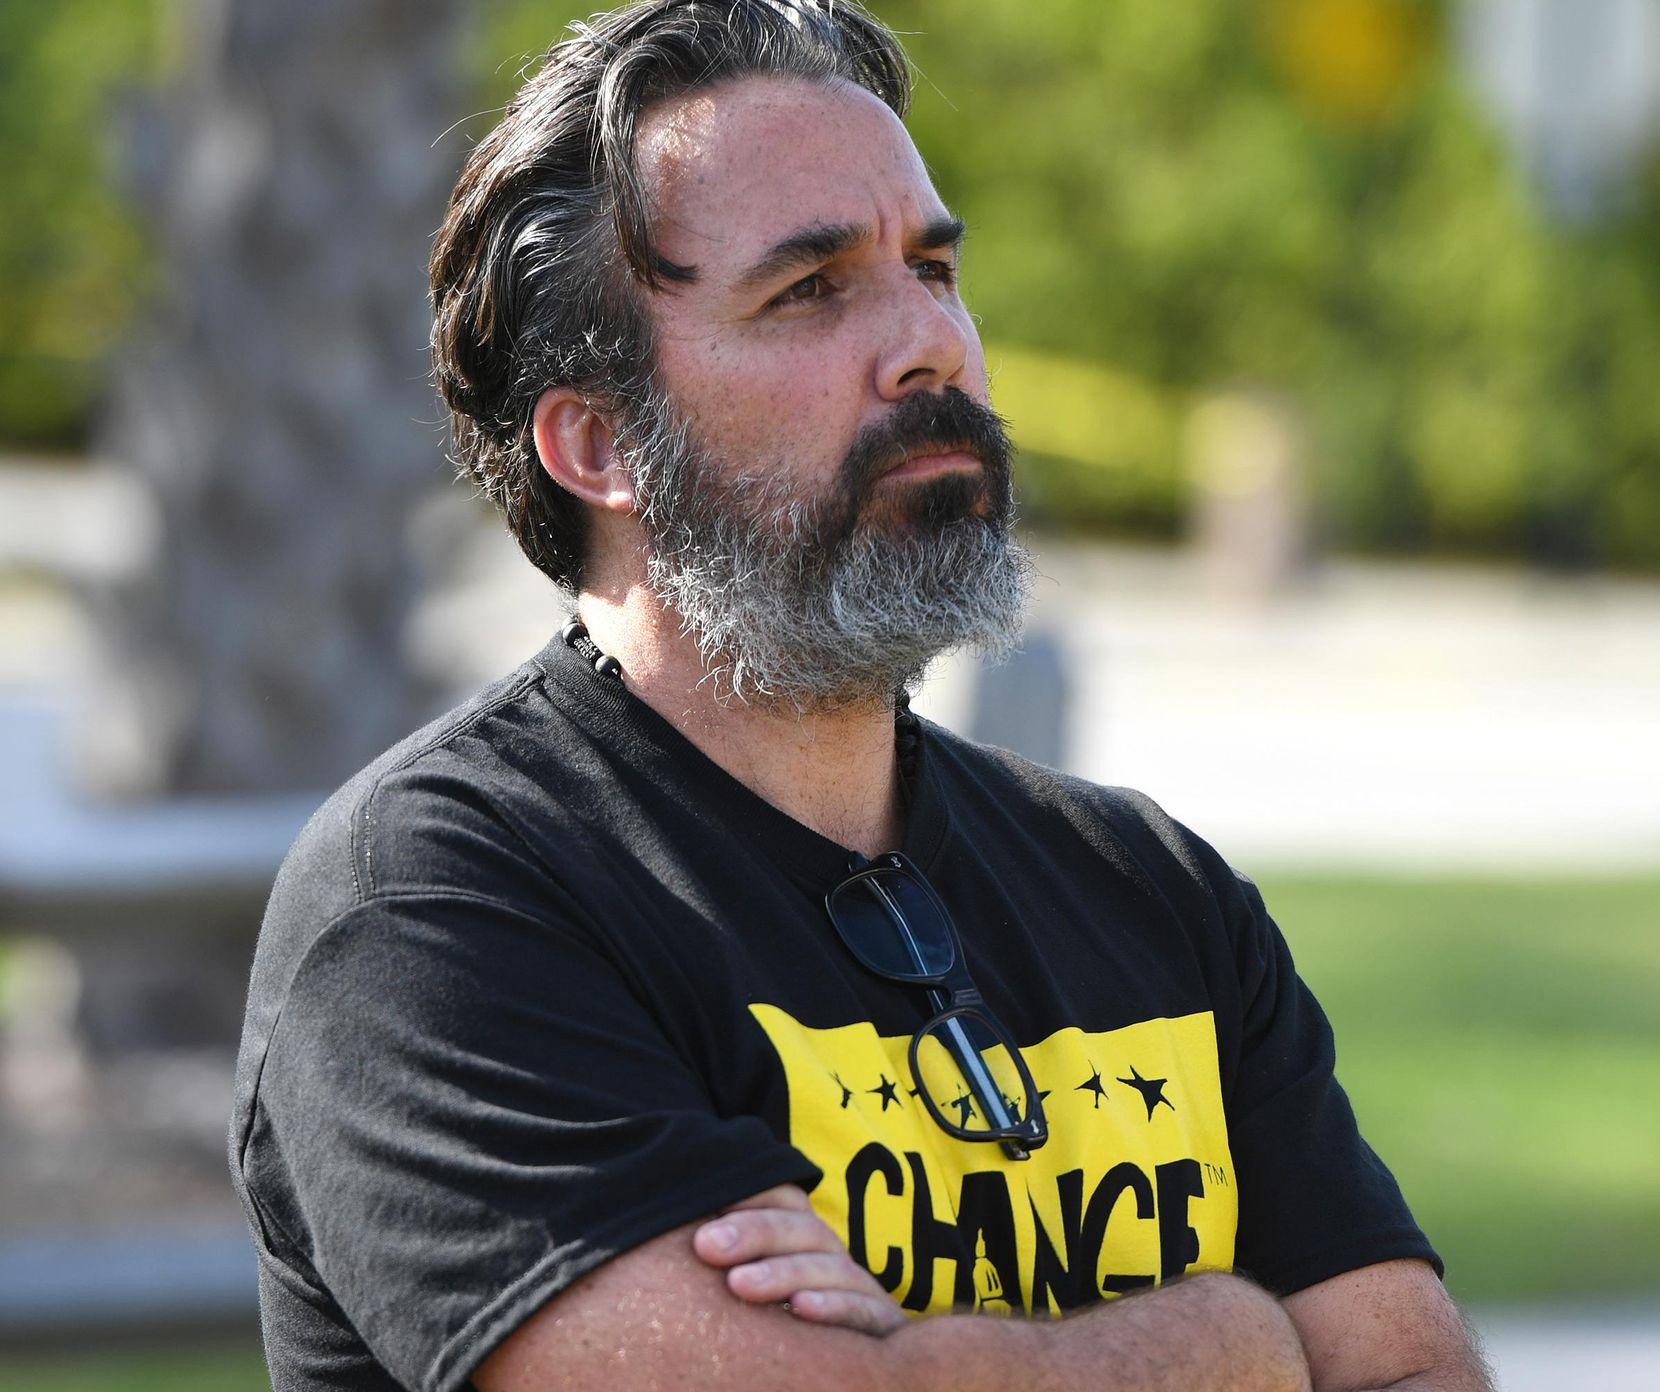 Manuel Oliver, padre de Joaquín Oliver, quien murió en la matanza de Parkland, estará en Dallas en manifestaciones contra el NRA. MEDIA PUNCH